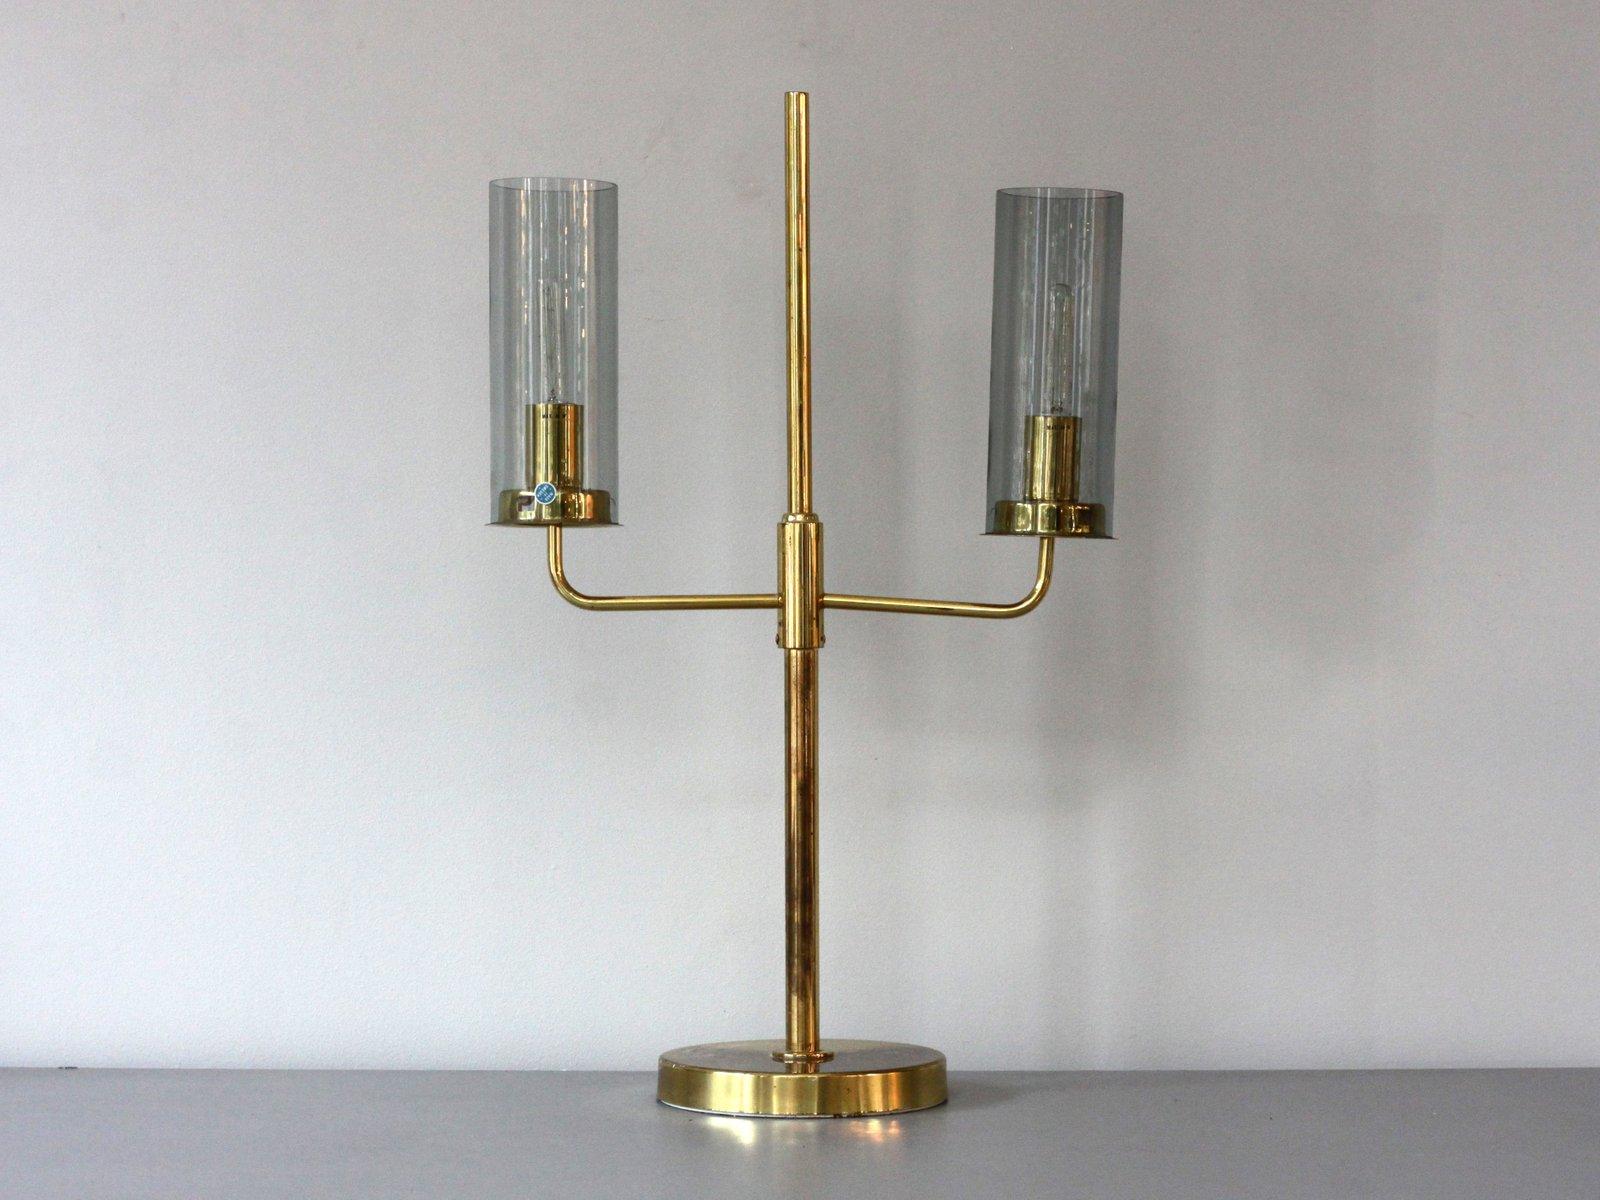 C3045/A1 Messing Tischlampe von Hans-Agne Jakobsson